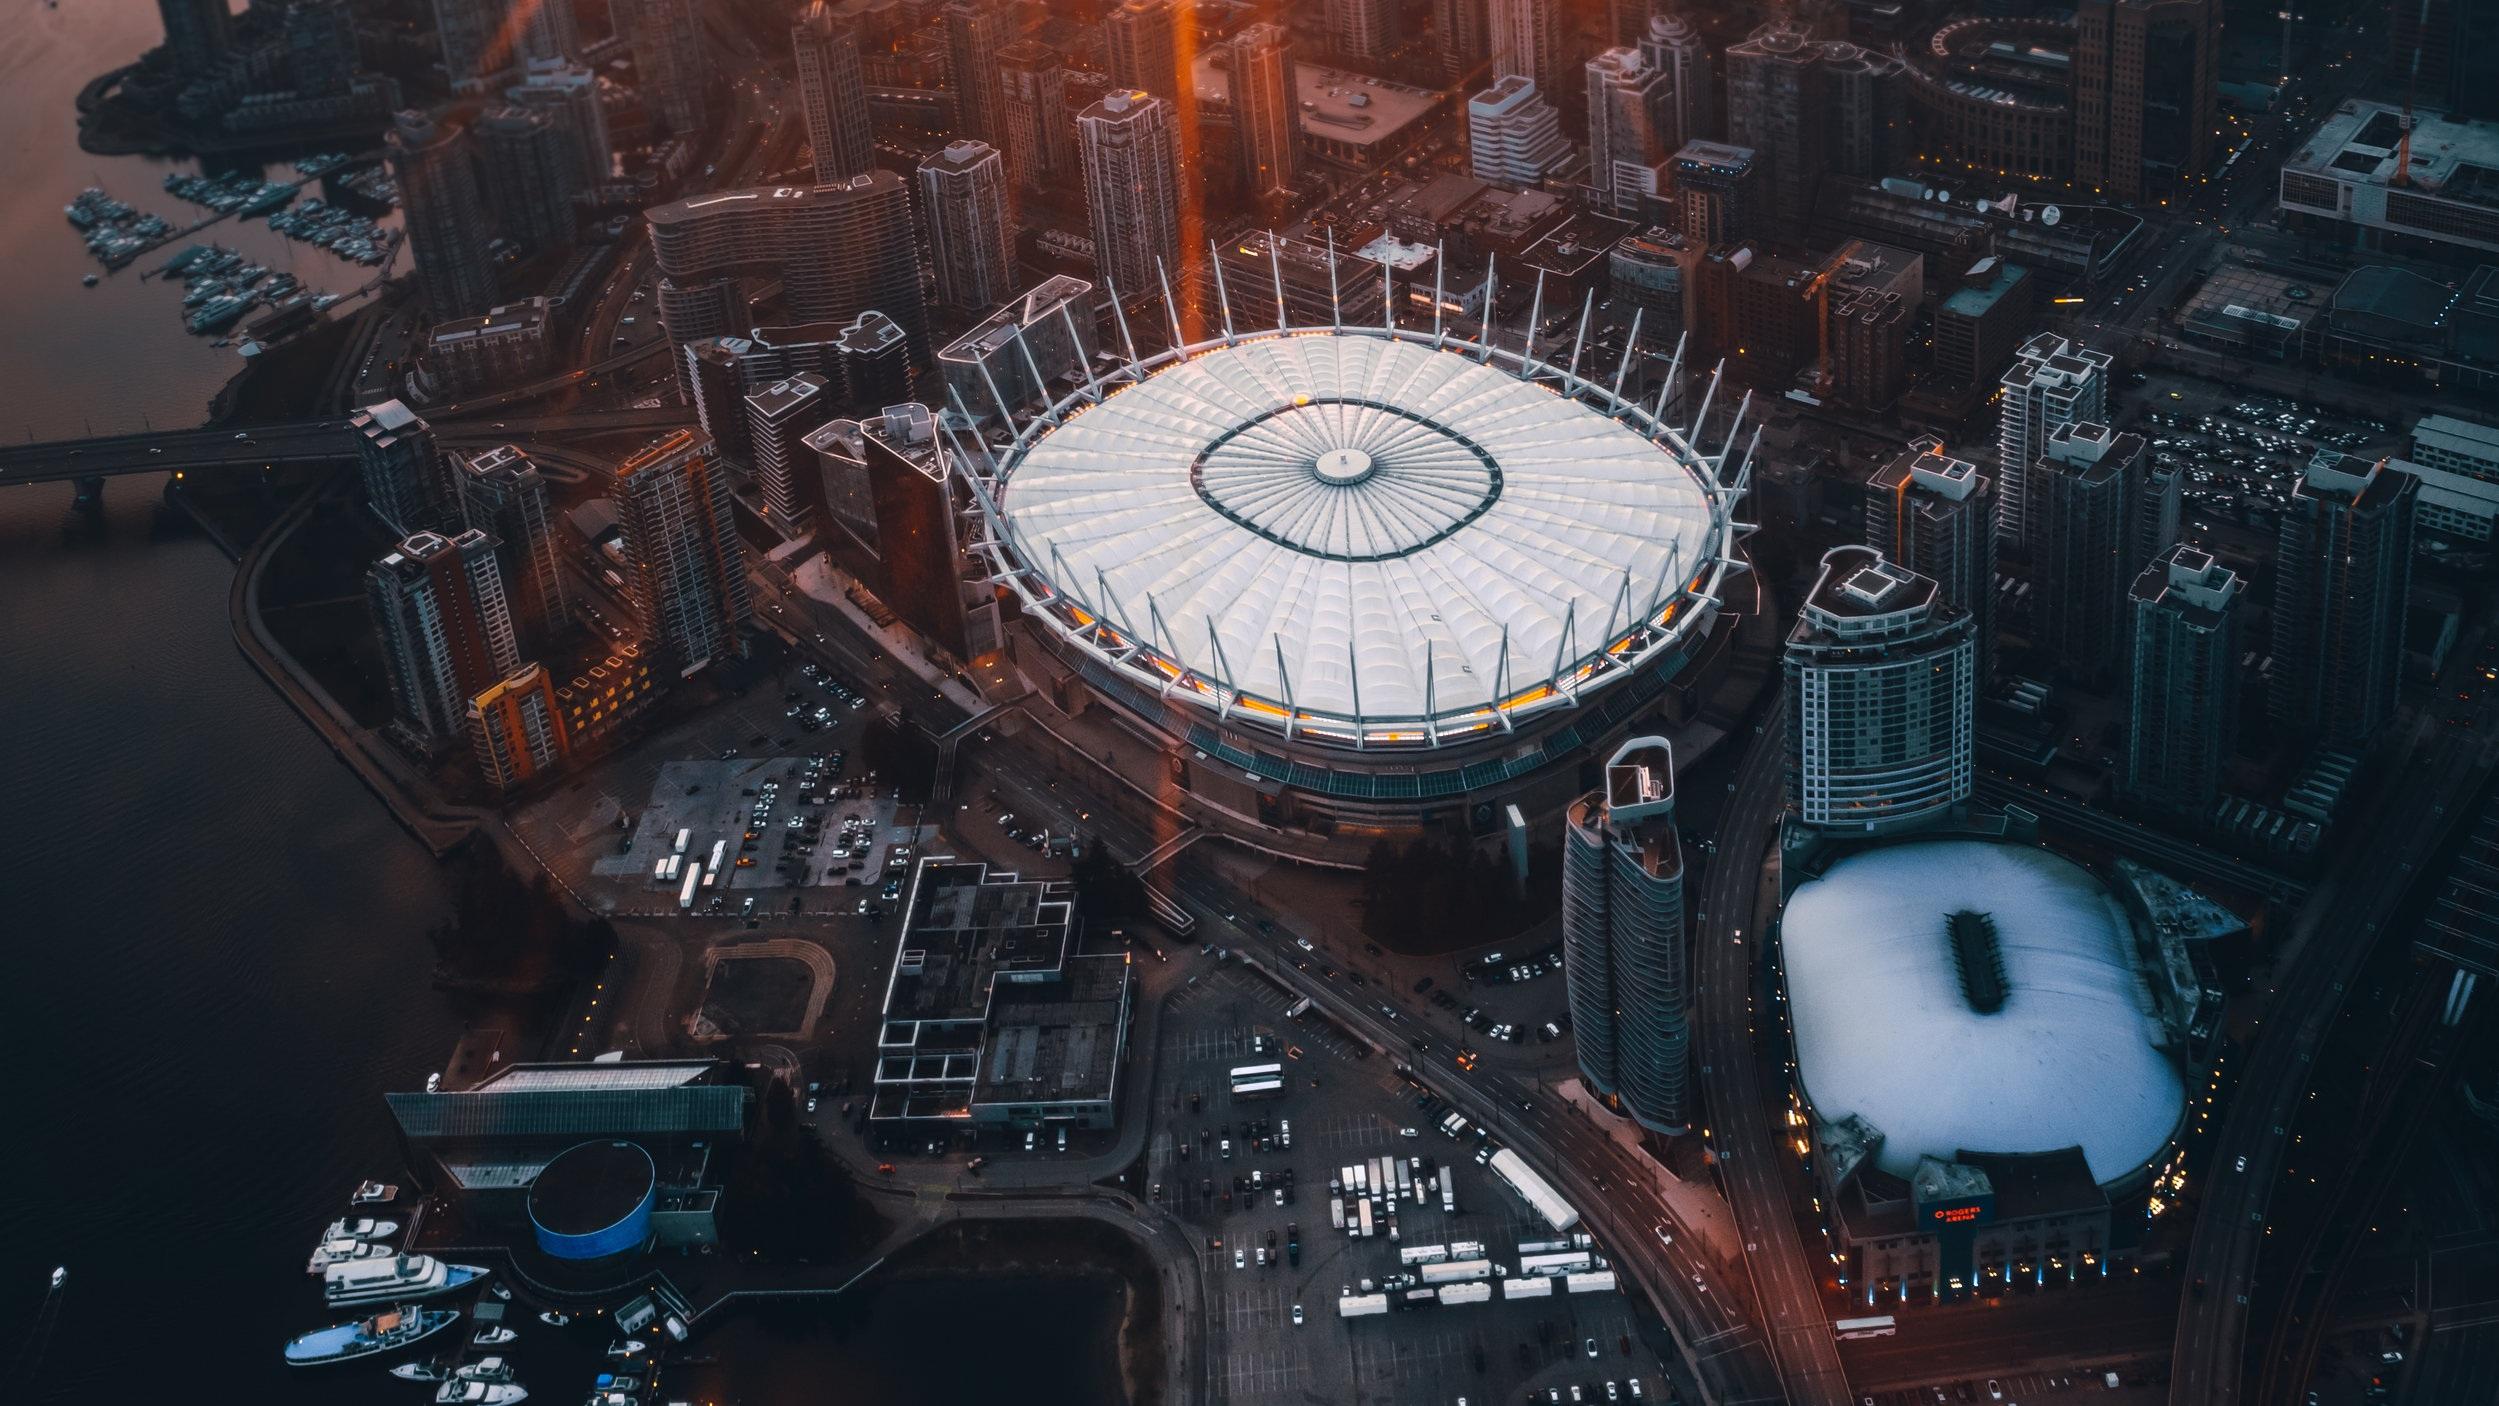 Rogers Arena - Rogers Arena har en maxkapacitet på 18 890 åskådare och används till mängder av olika evenemang och Vancouver Canucks hemmamatcher i NHL. Arenan hette tidigare General Motors Place och var även huvudarena under vinter-OS i Vancouver 2010. Det går alldeles utmärkt att promenera till arenan då den är centralt belägen i staden.